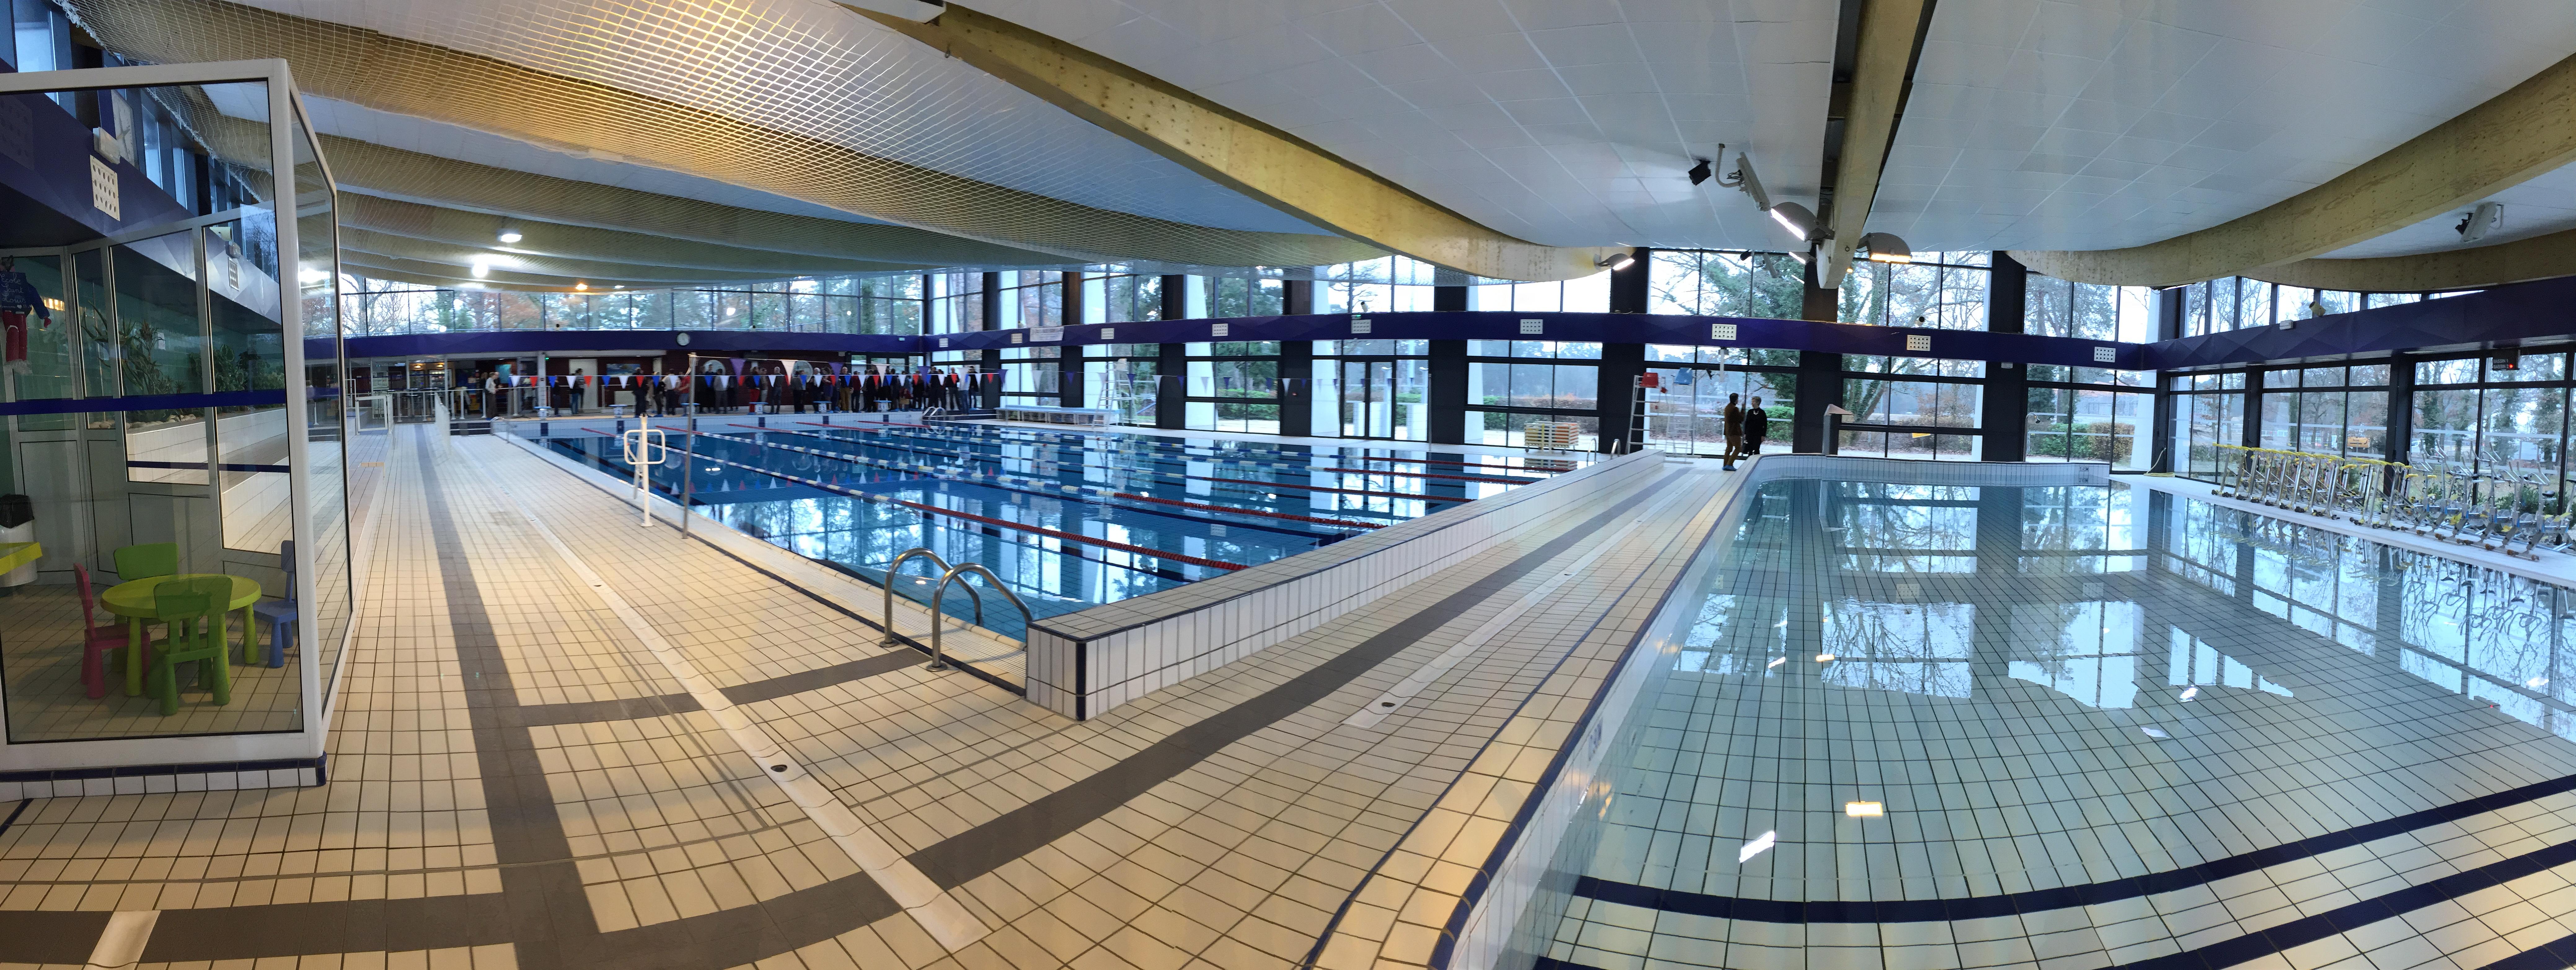 incroyable Réouverture de la piscine de la Faisanderie